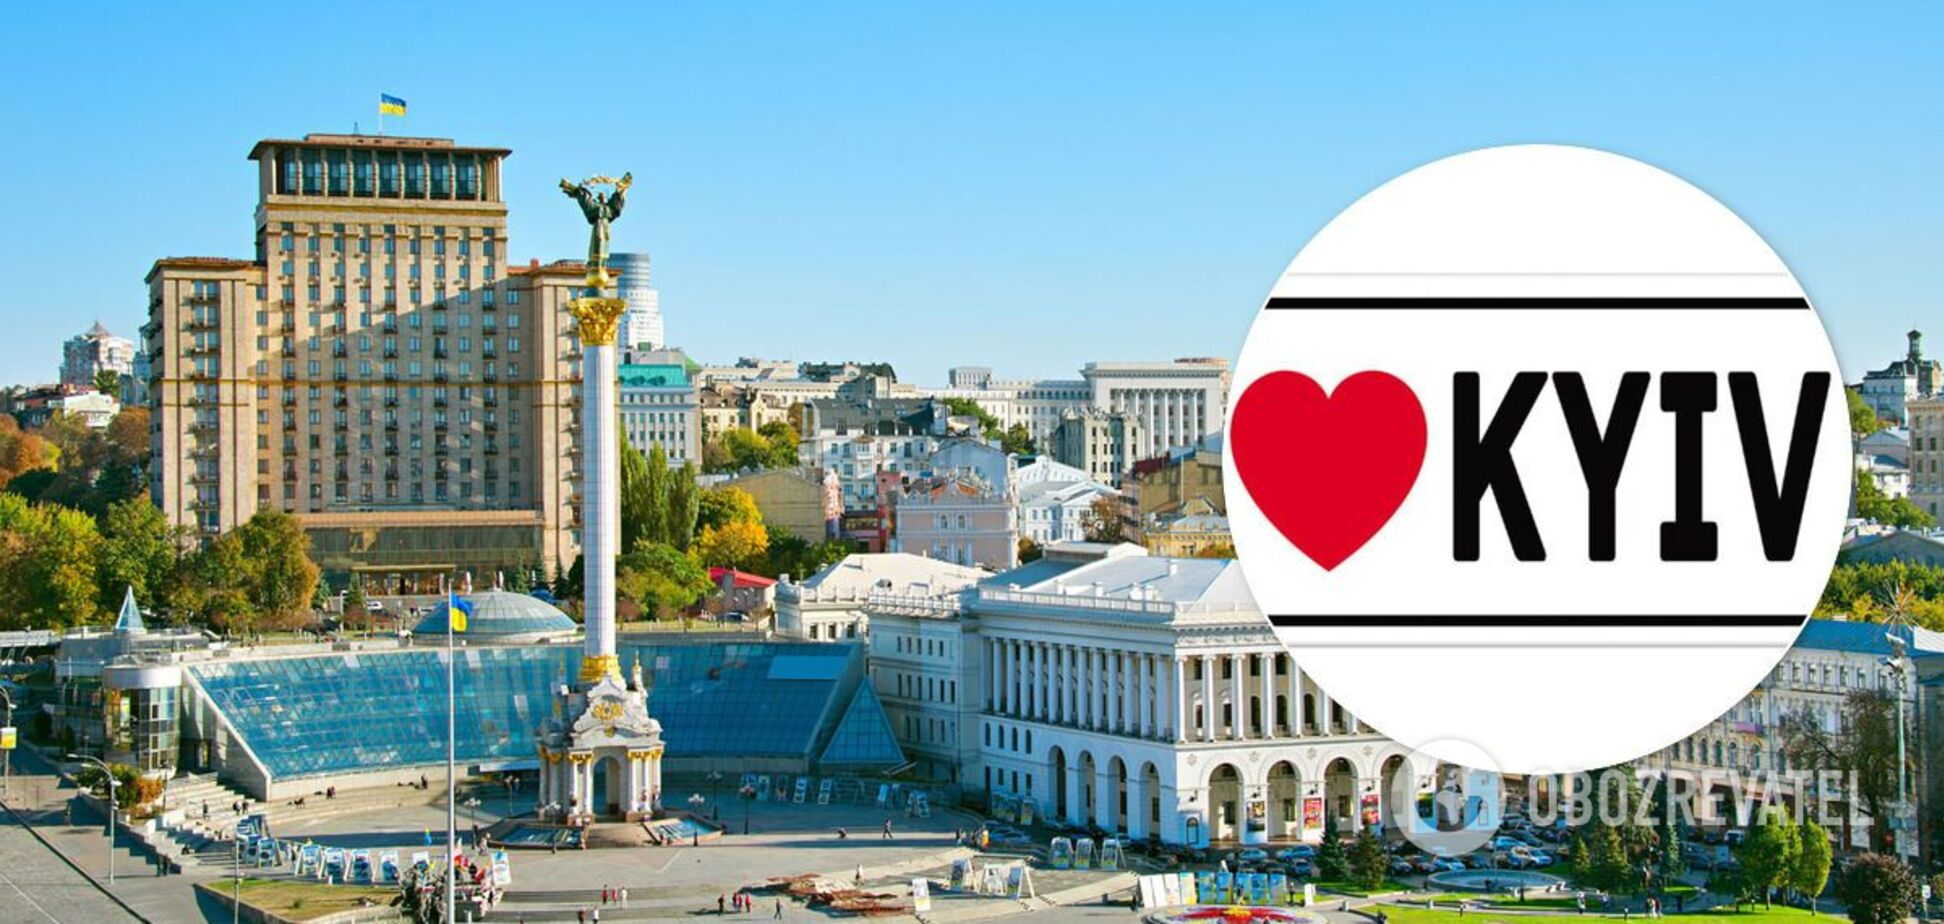 Википедия официально сменила название Киева: Kyiv not Kiev